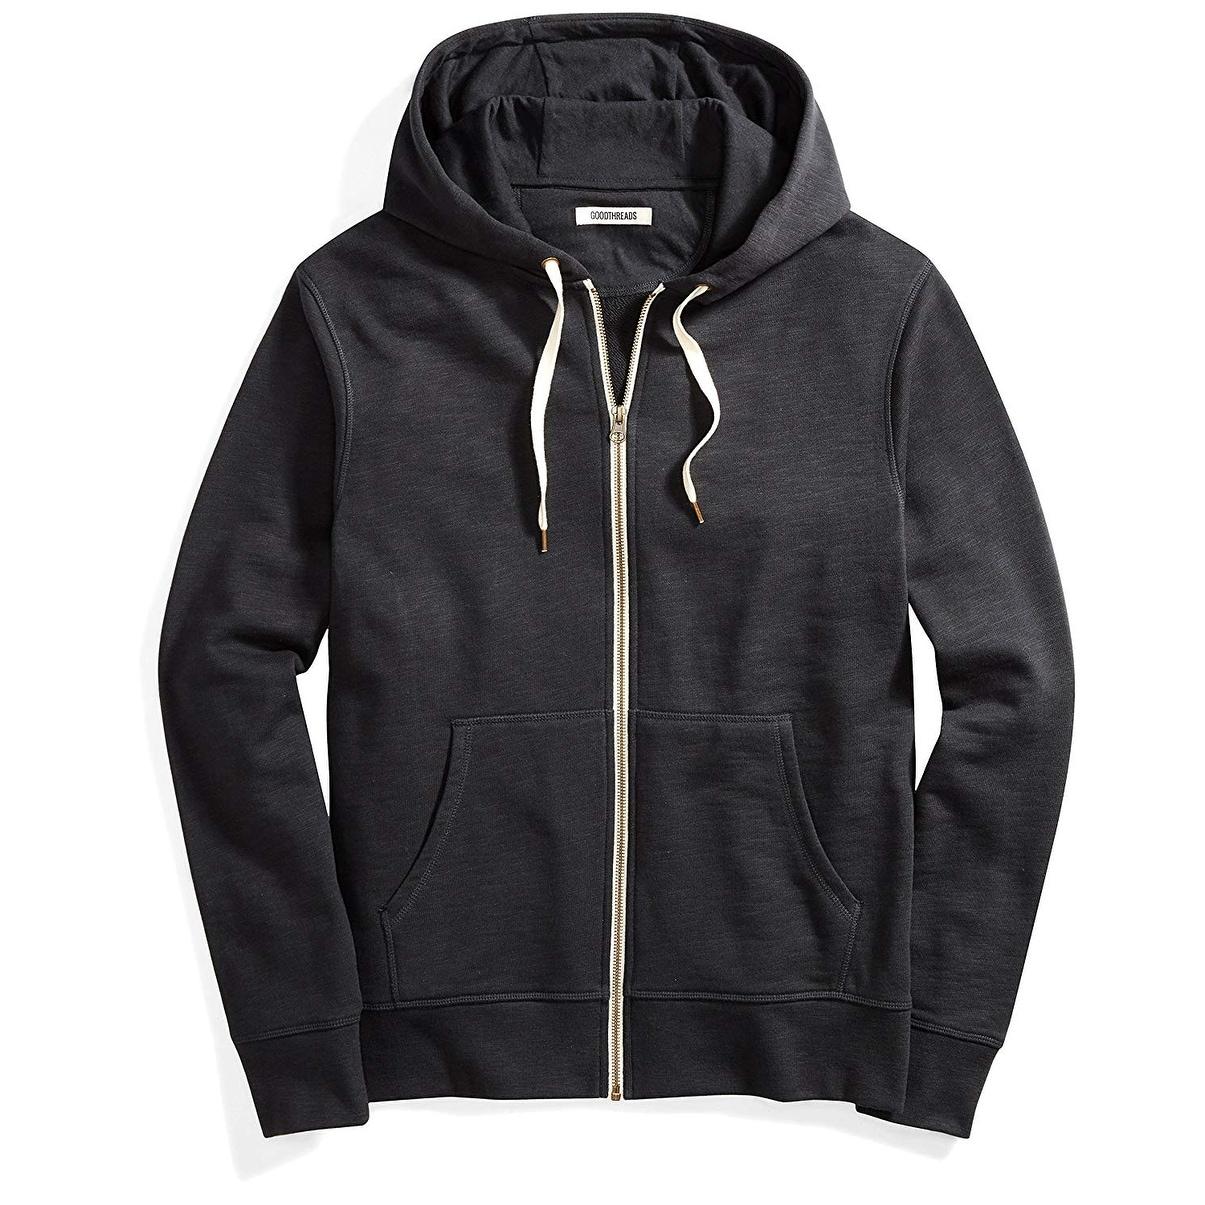 Goodthreads Mens Fullzip Fleece Hoodie Brand